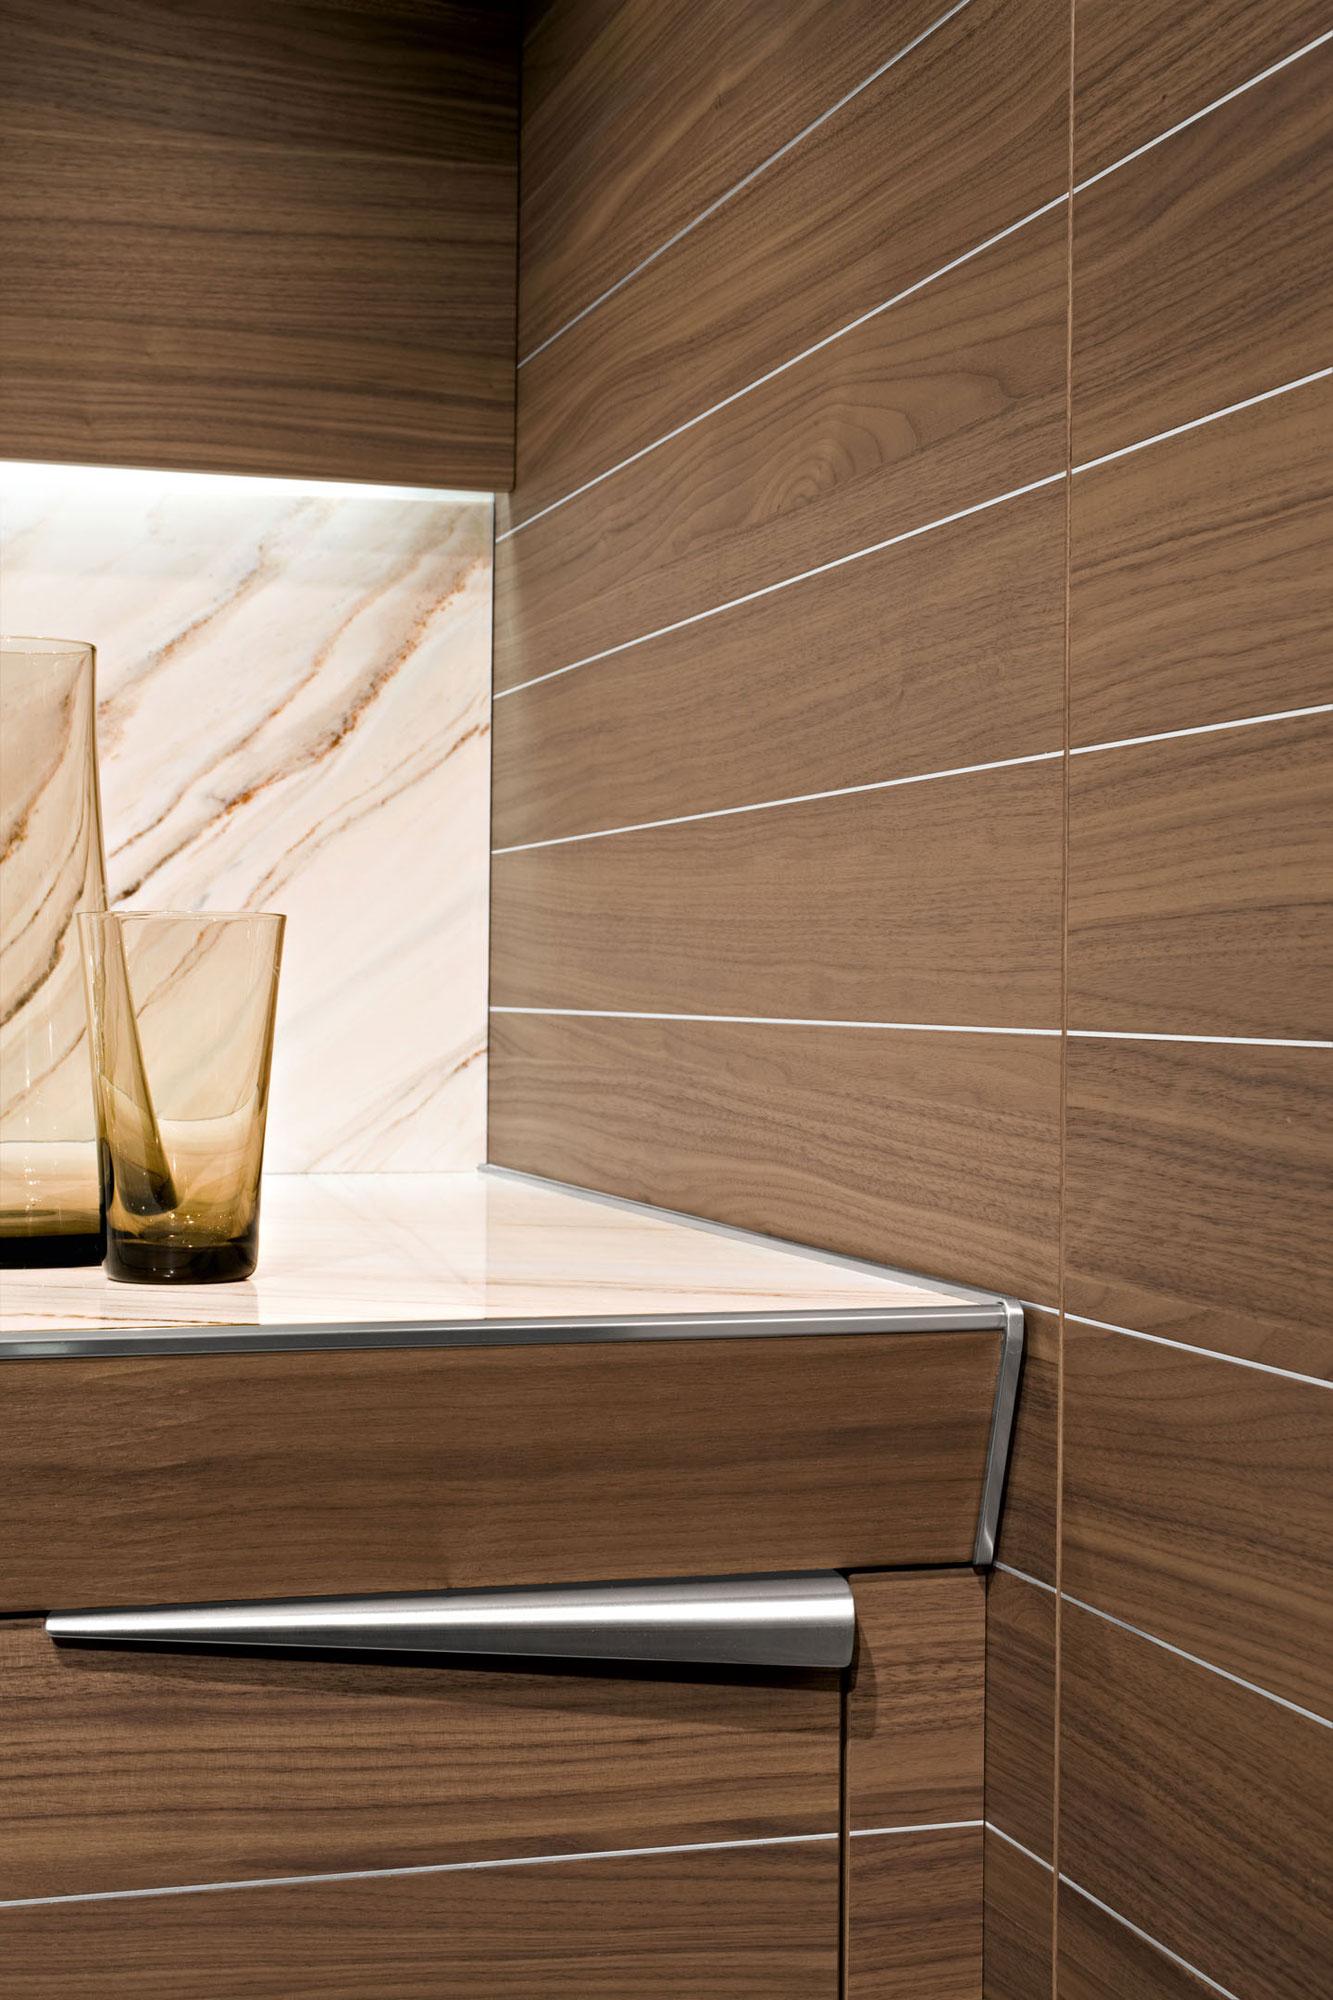 Современный дизайн кухонного гарнитура: мебель из тикового дерева